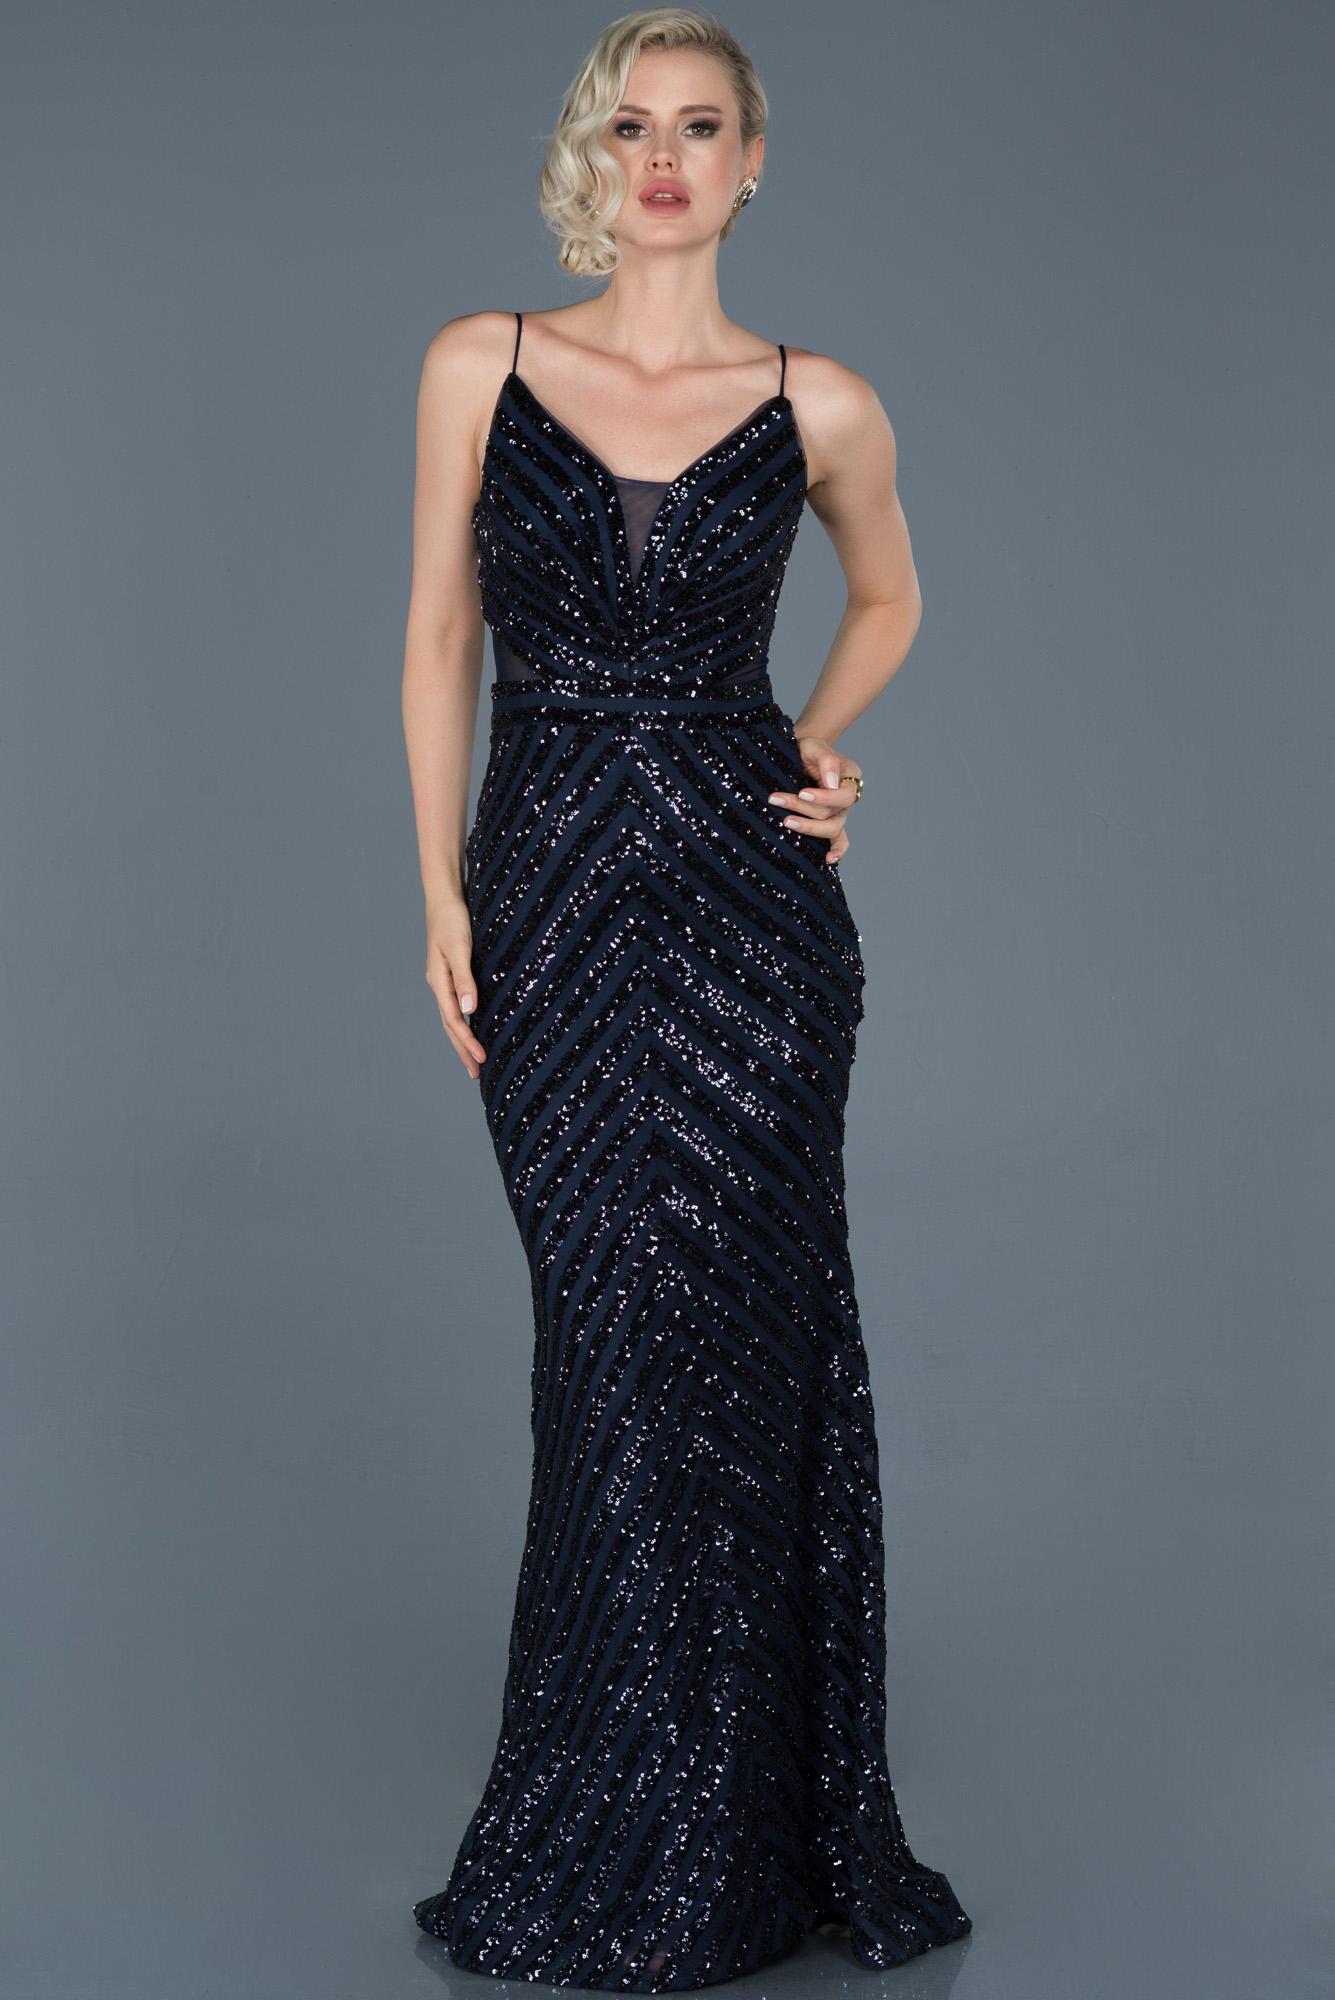 Lacivert Uzun Payetli Ip Askılı Balık Abiye Elbise